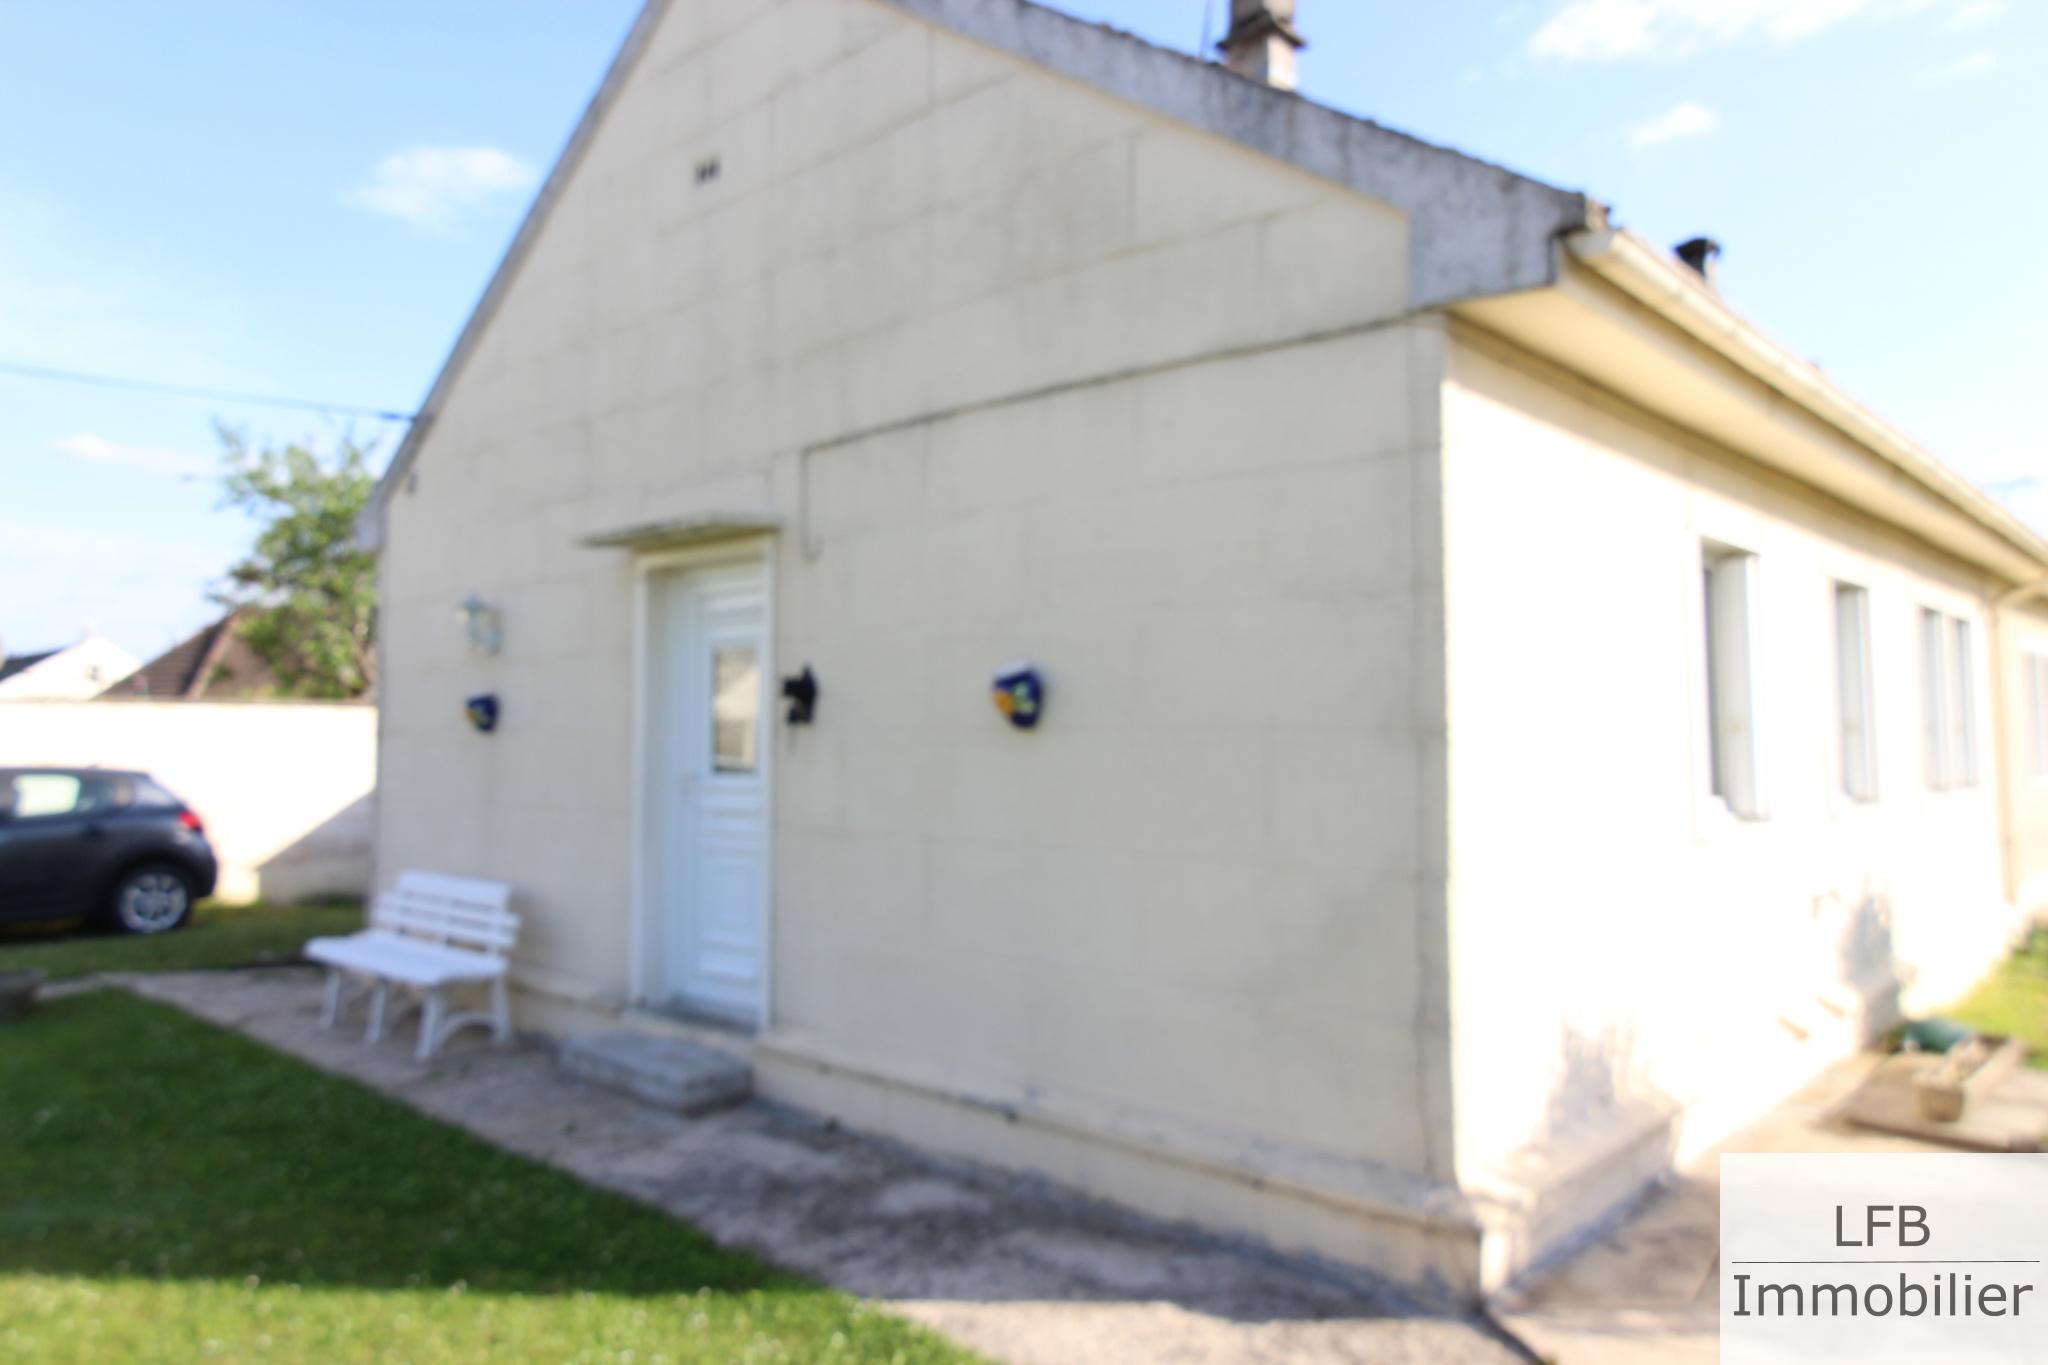 vente Chambly (60) Maison de plain-pied - 2 chambres - 320m2 de terrain